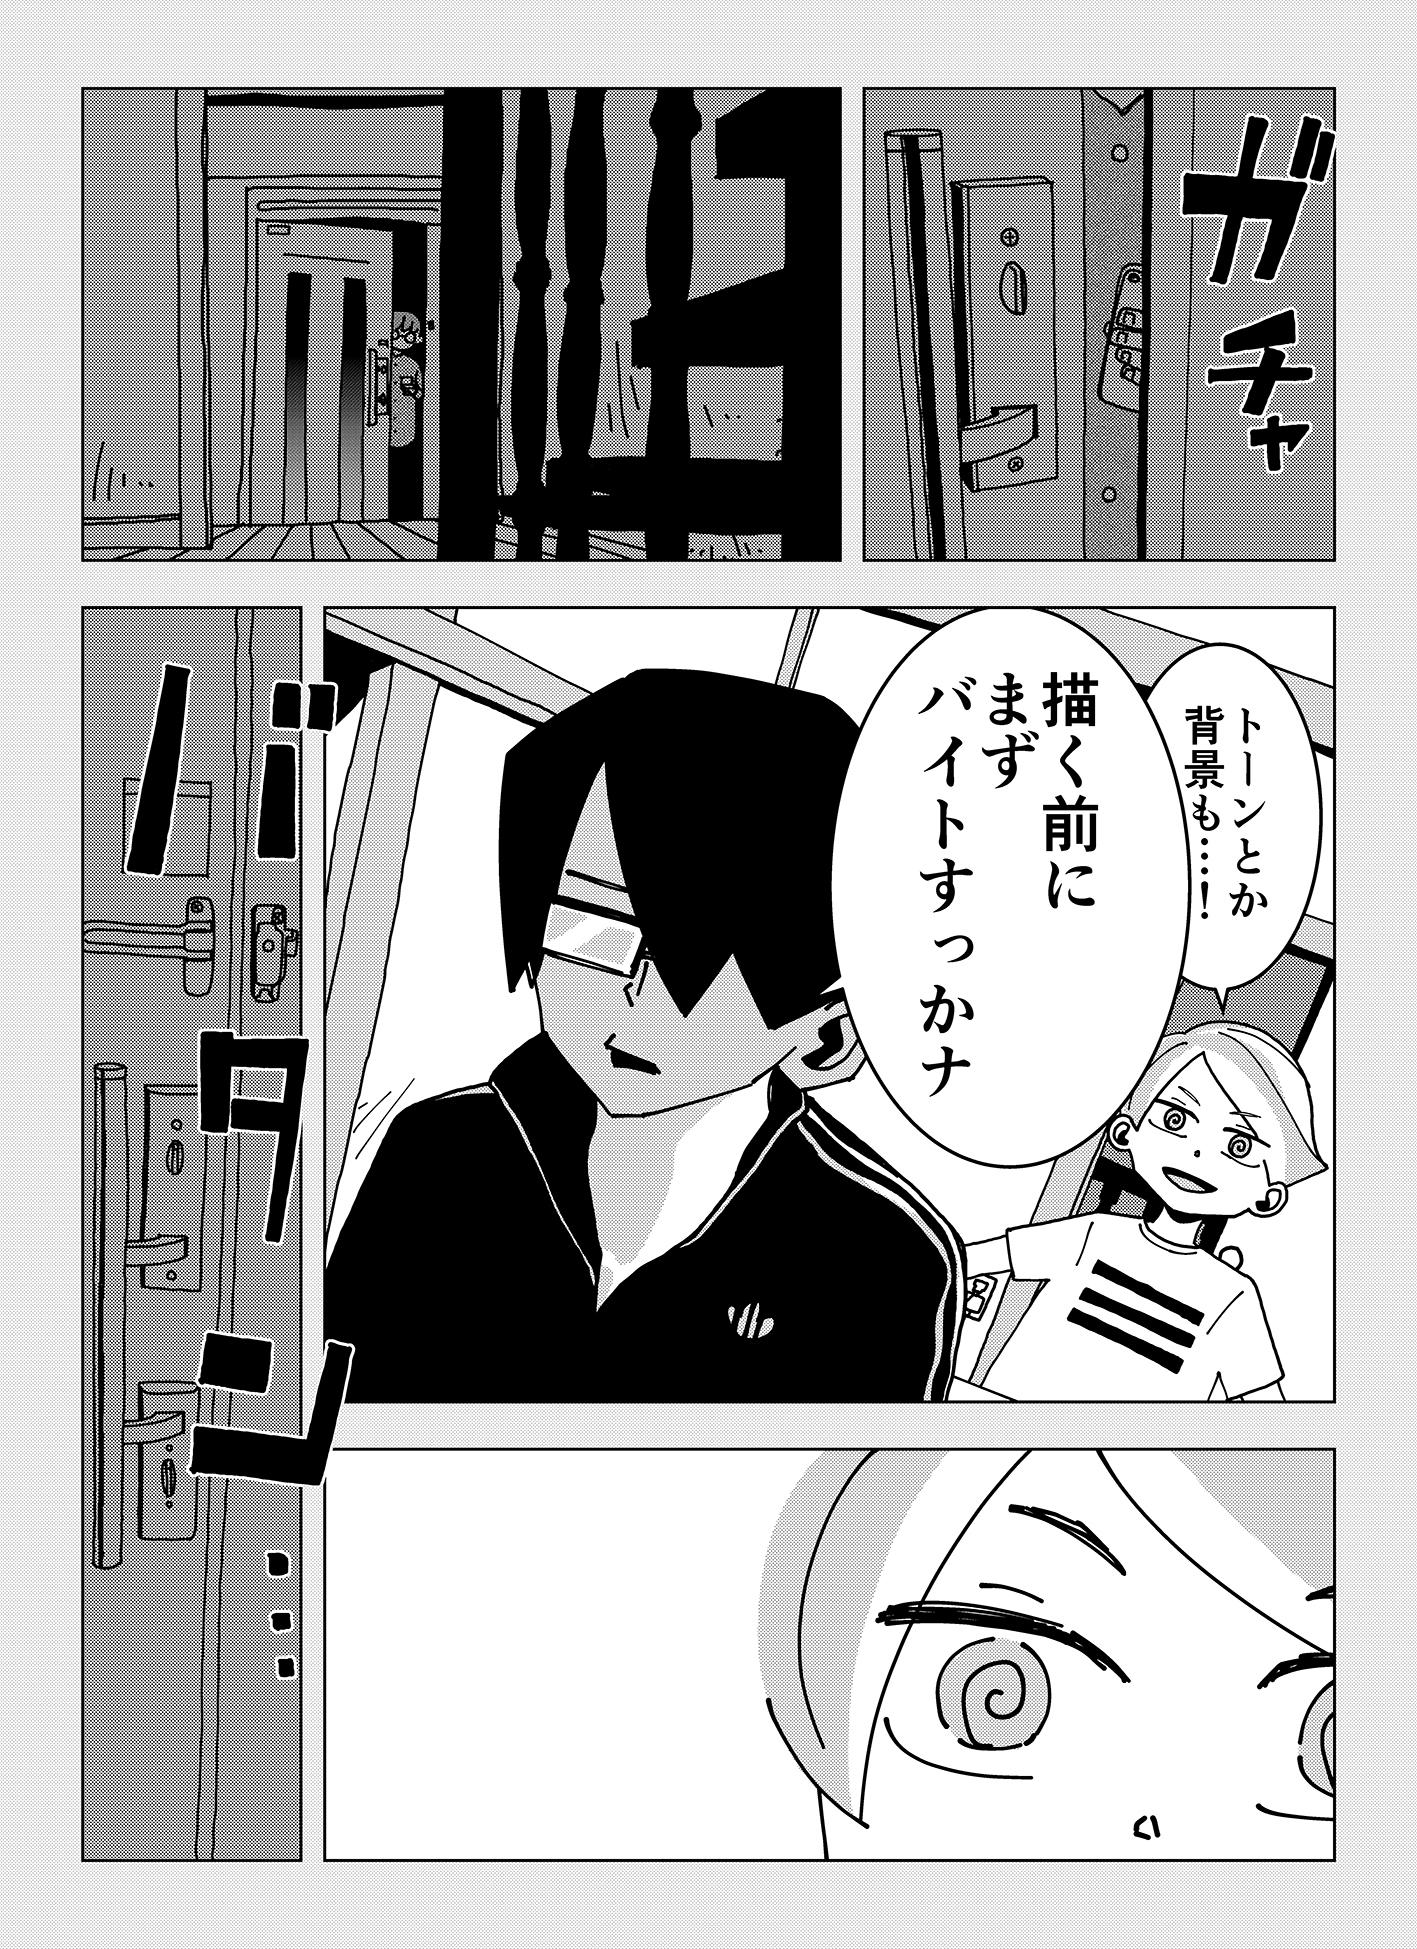 share08_13